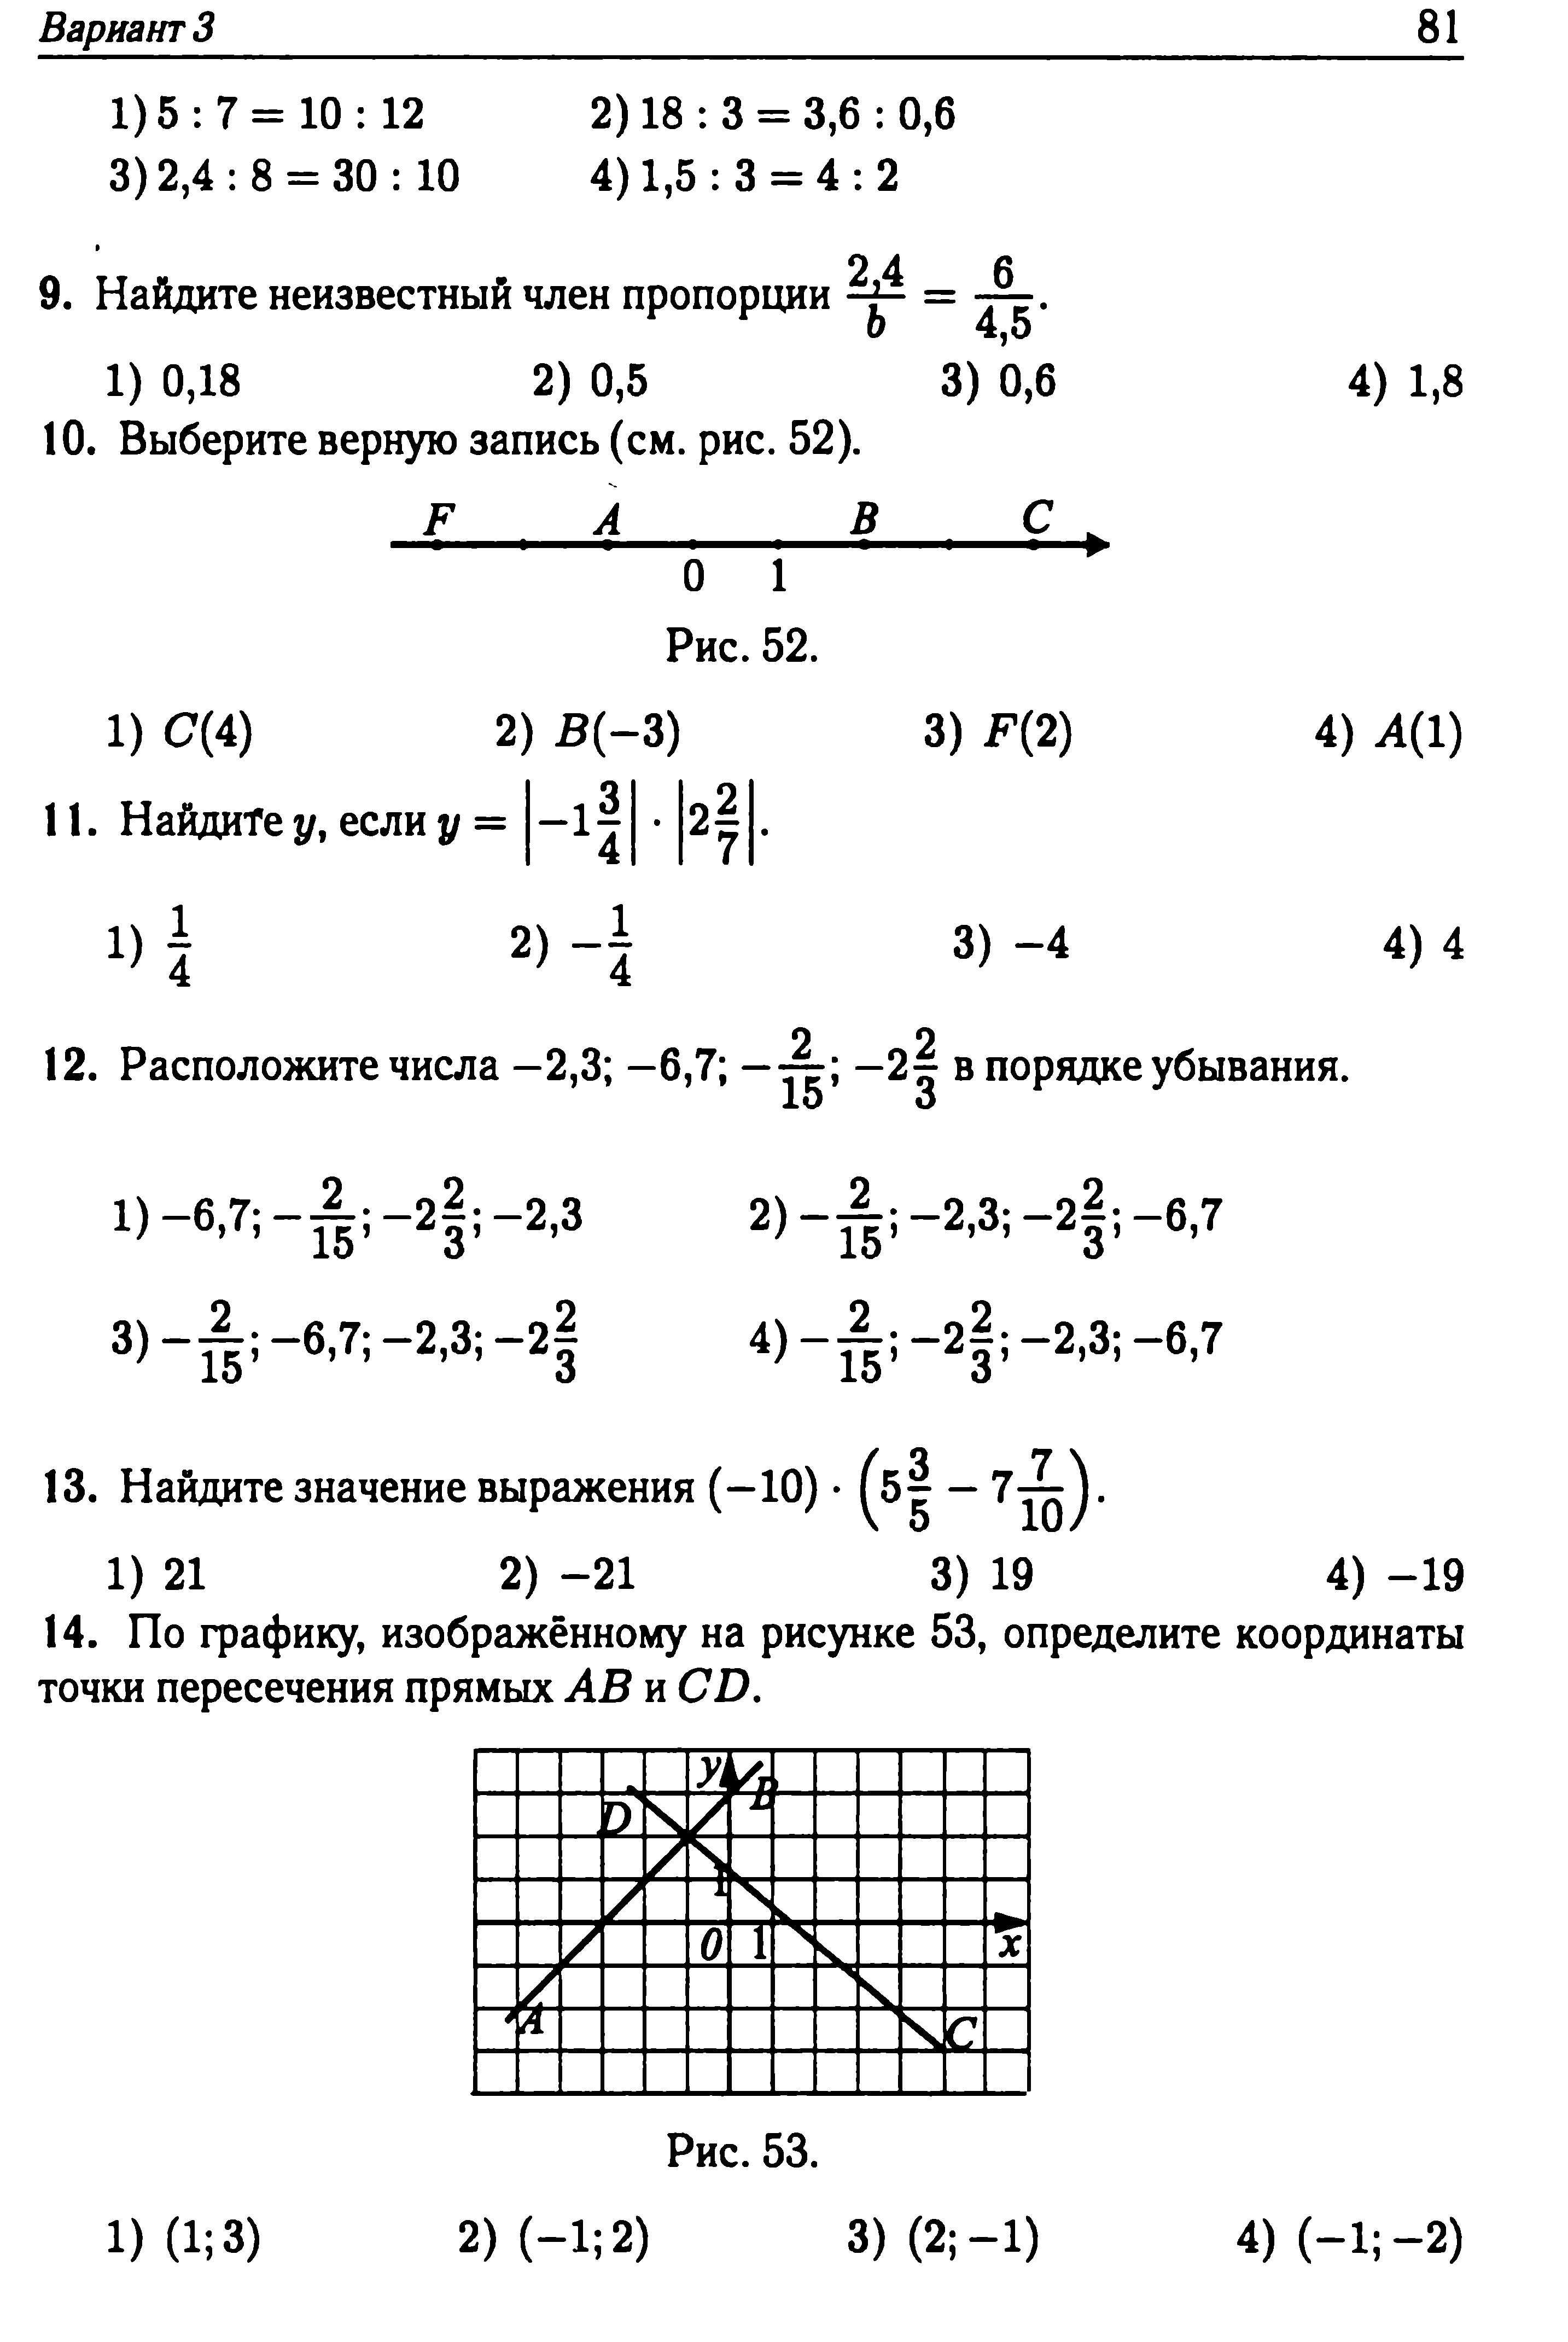 Итоговый тест по математике 6 класс 2 четверть зубарева мордкович